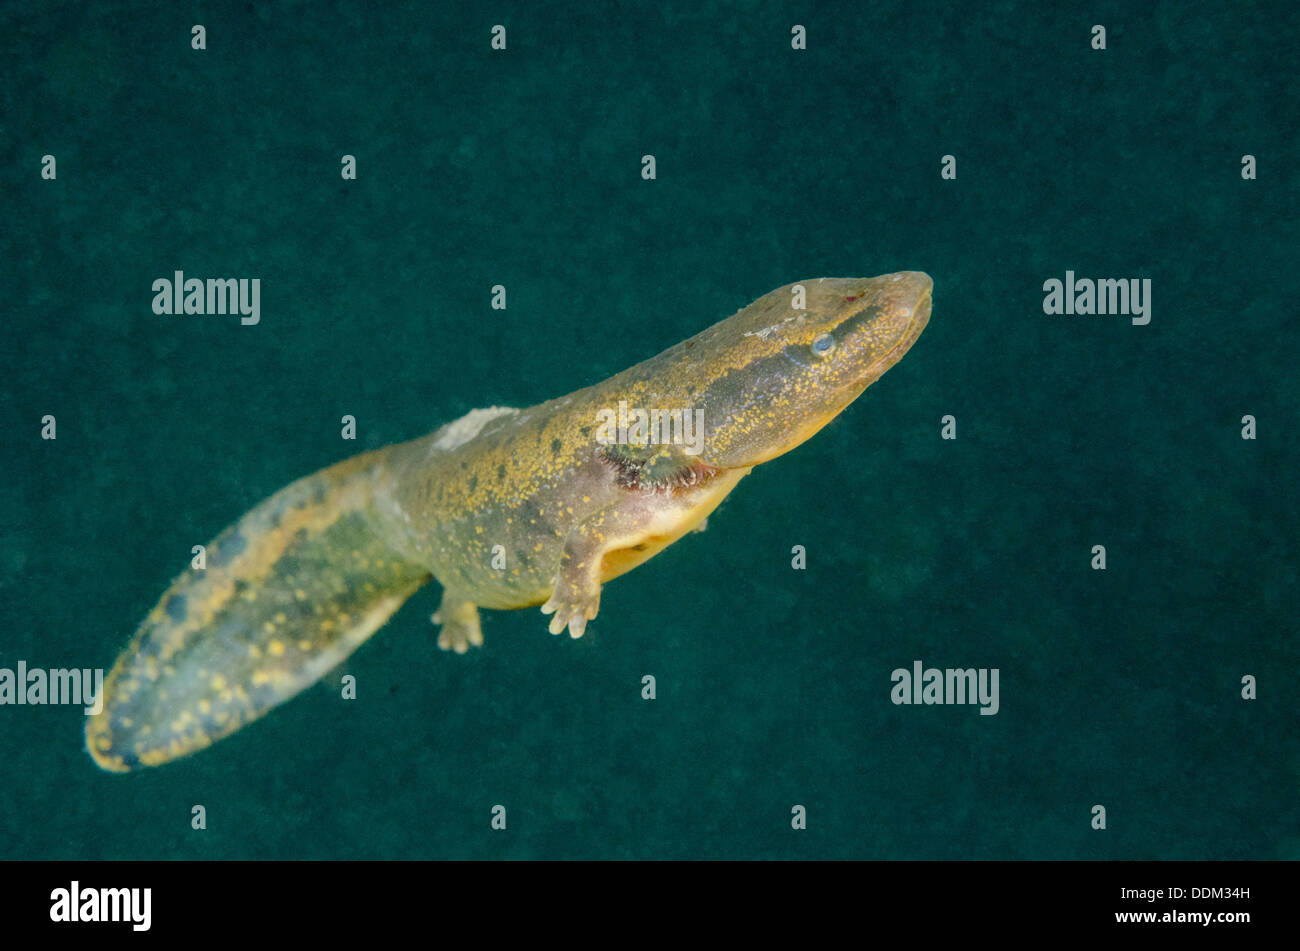 Necturus Maculosus Imágenes De Stock & Necturus Maculosus Fotos De ...